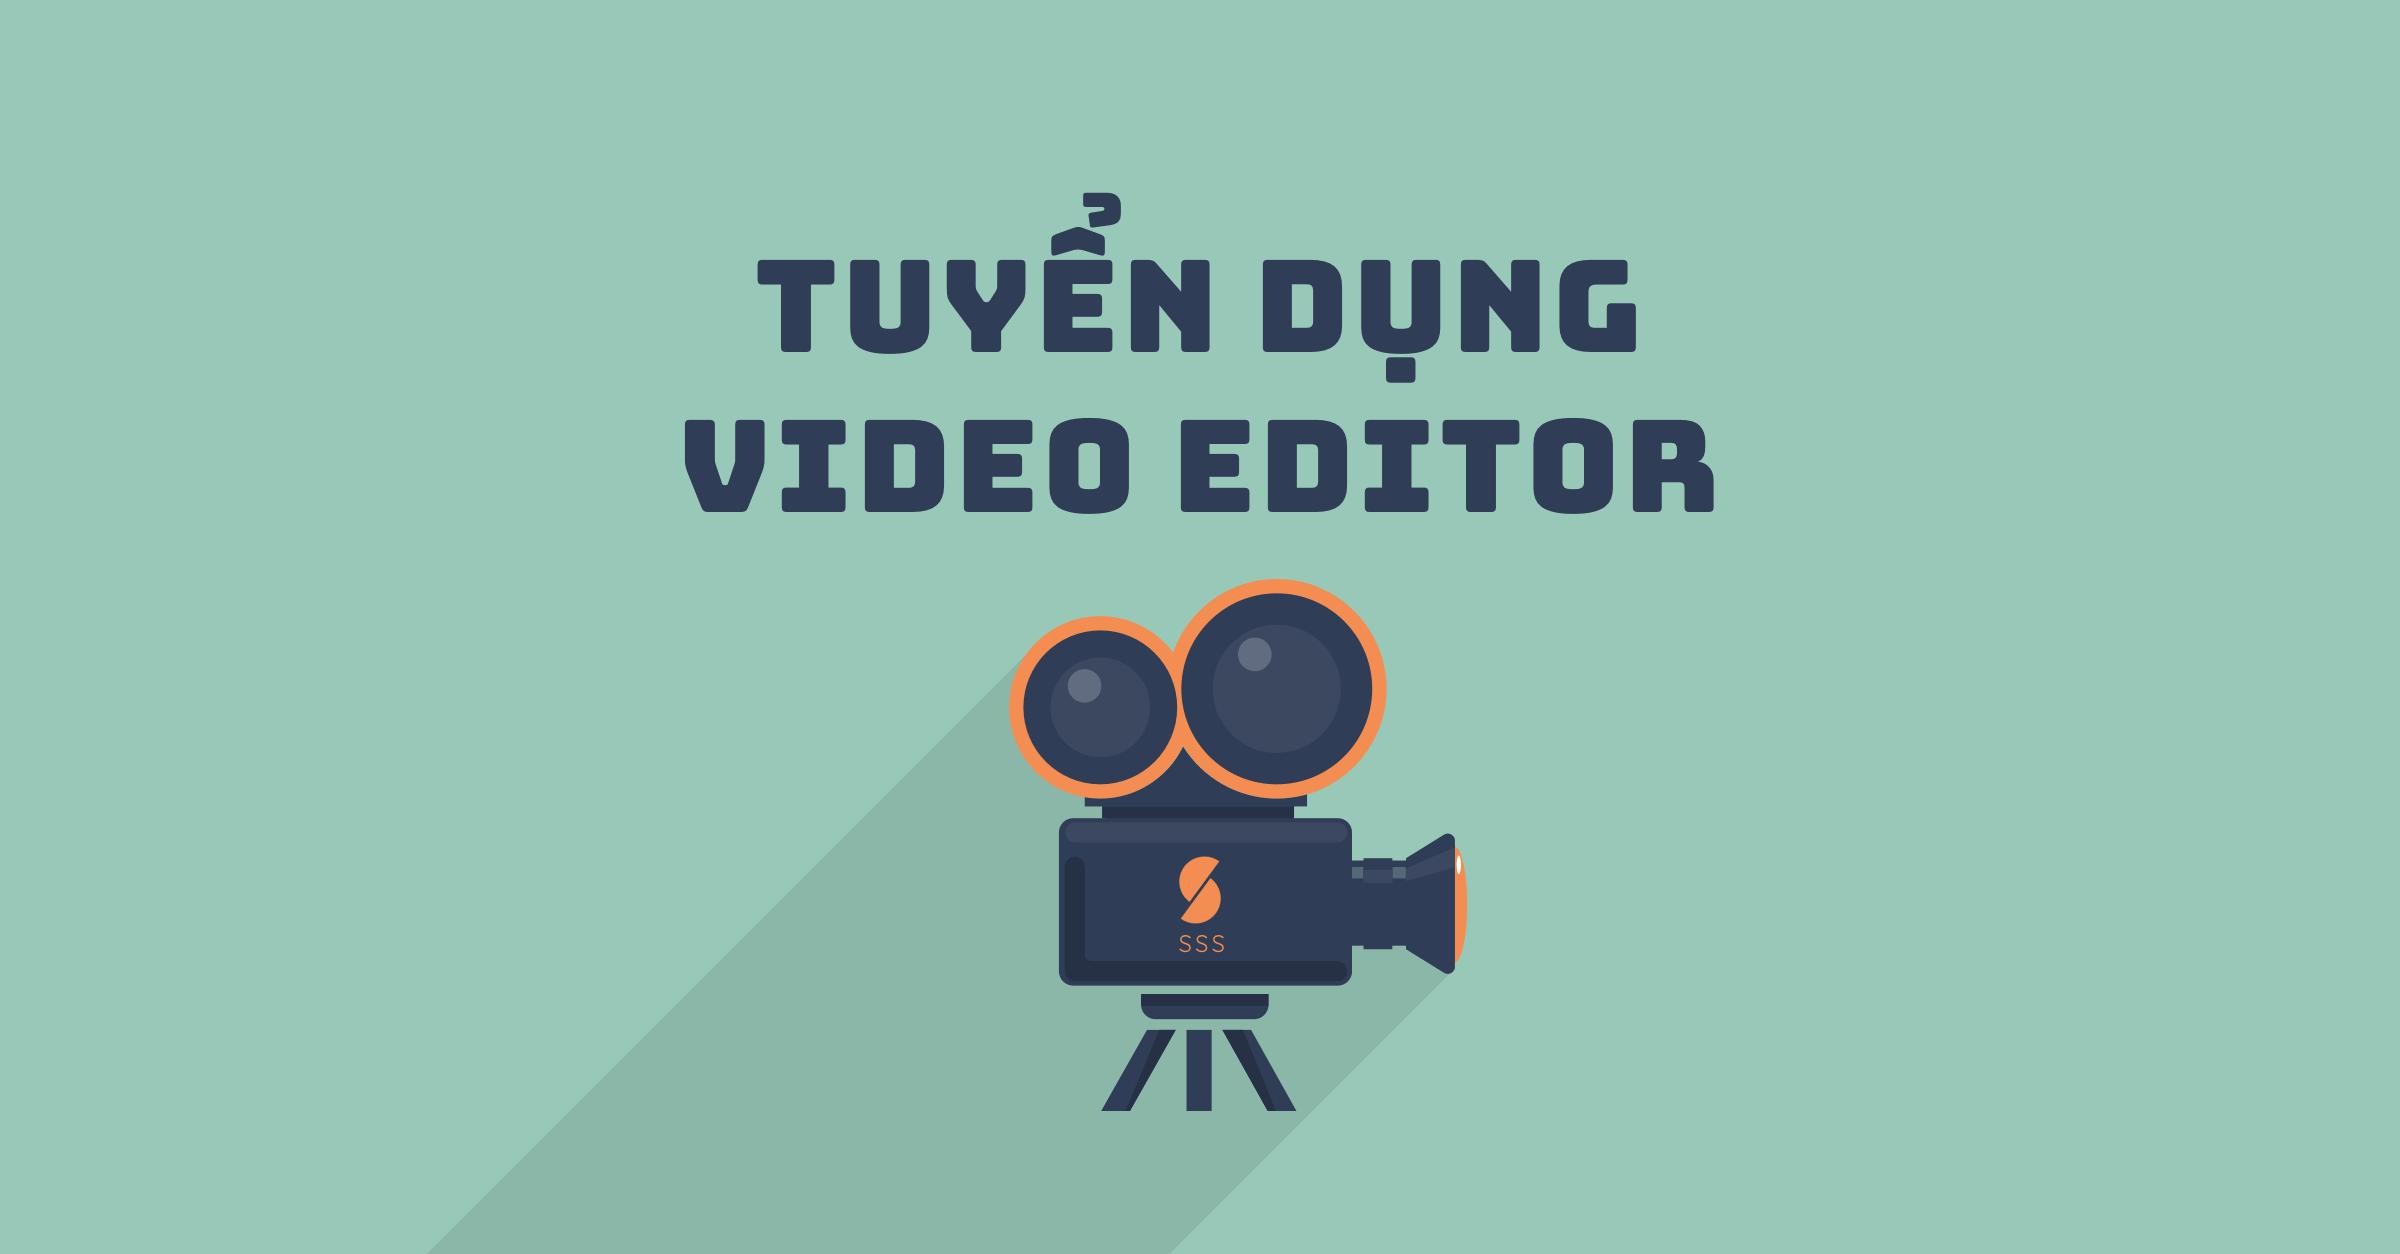 Công ty TNHH Ricci&Co tuyển dụng vị trí Video Editor